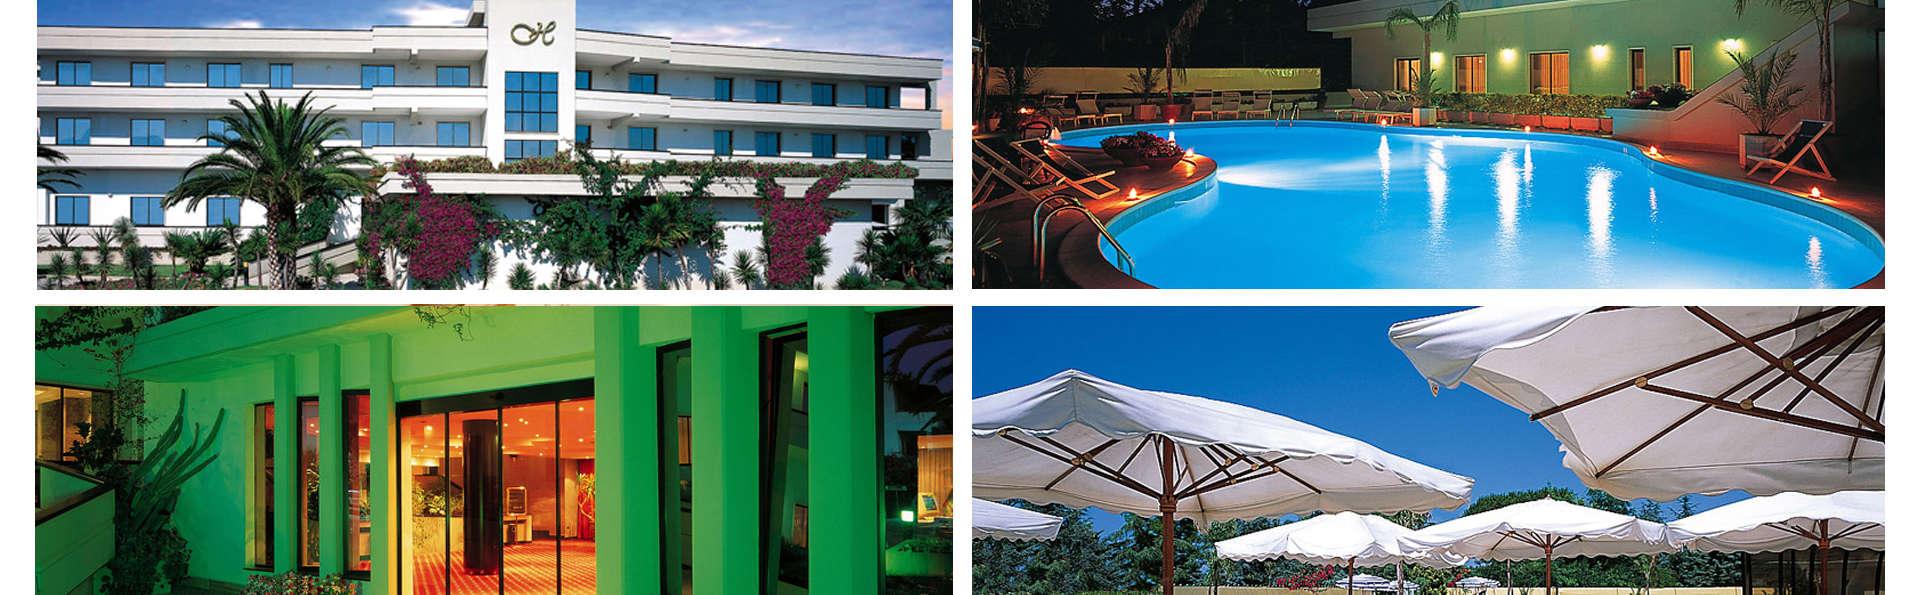 Hotel Clorinda - Edit_Exterior.jpg